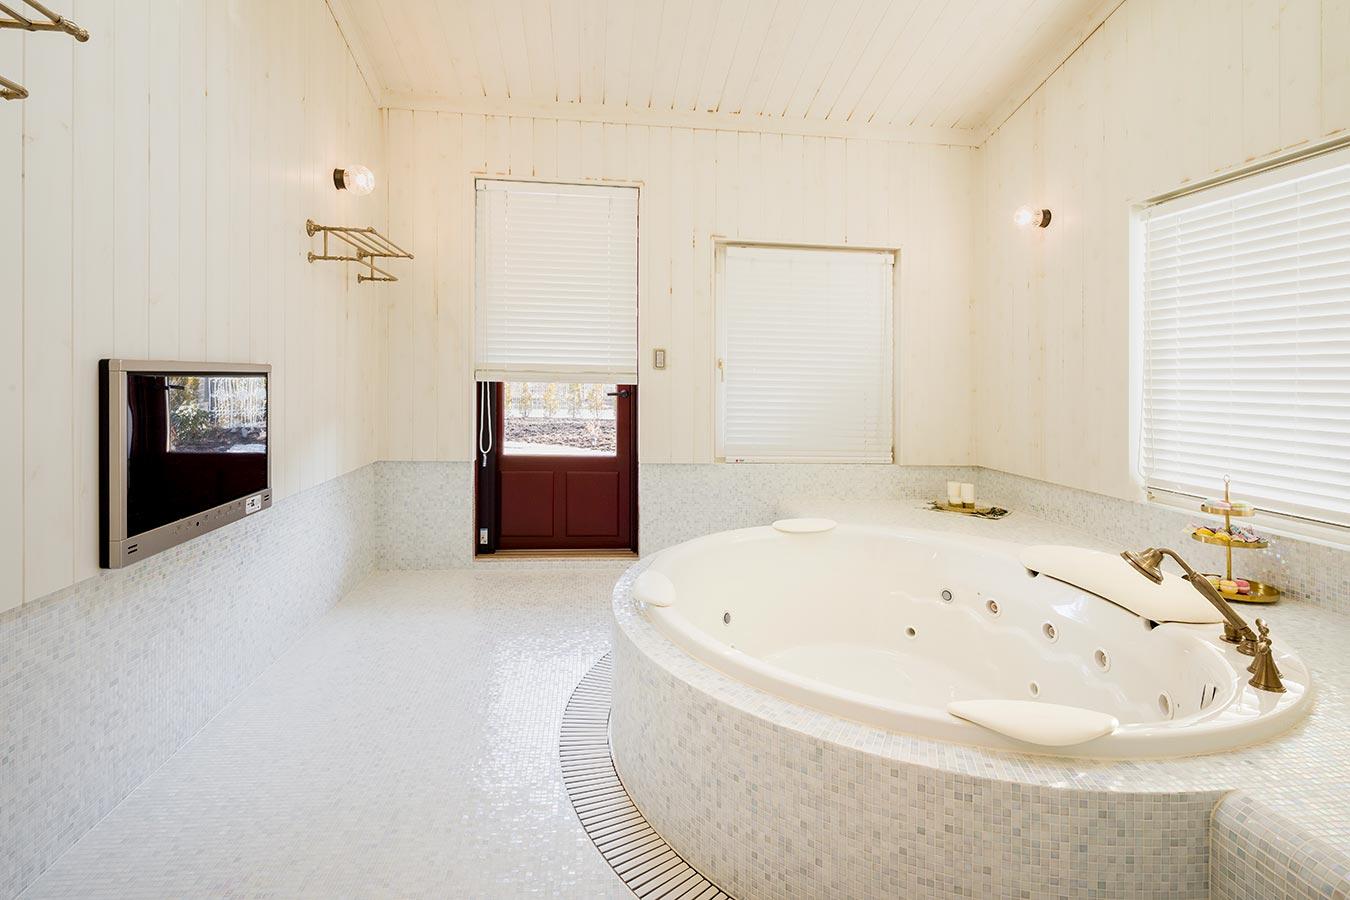 洗面所と連動し、金の装飾がアクセントのバスルーム